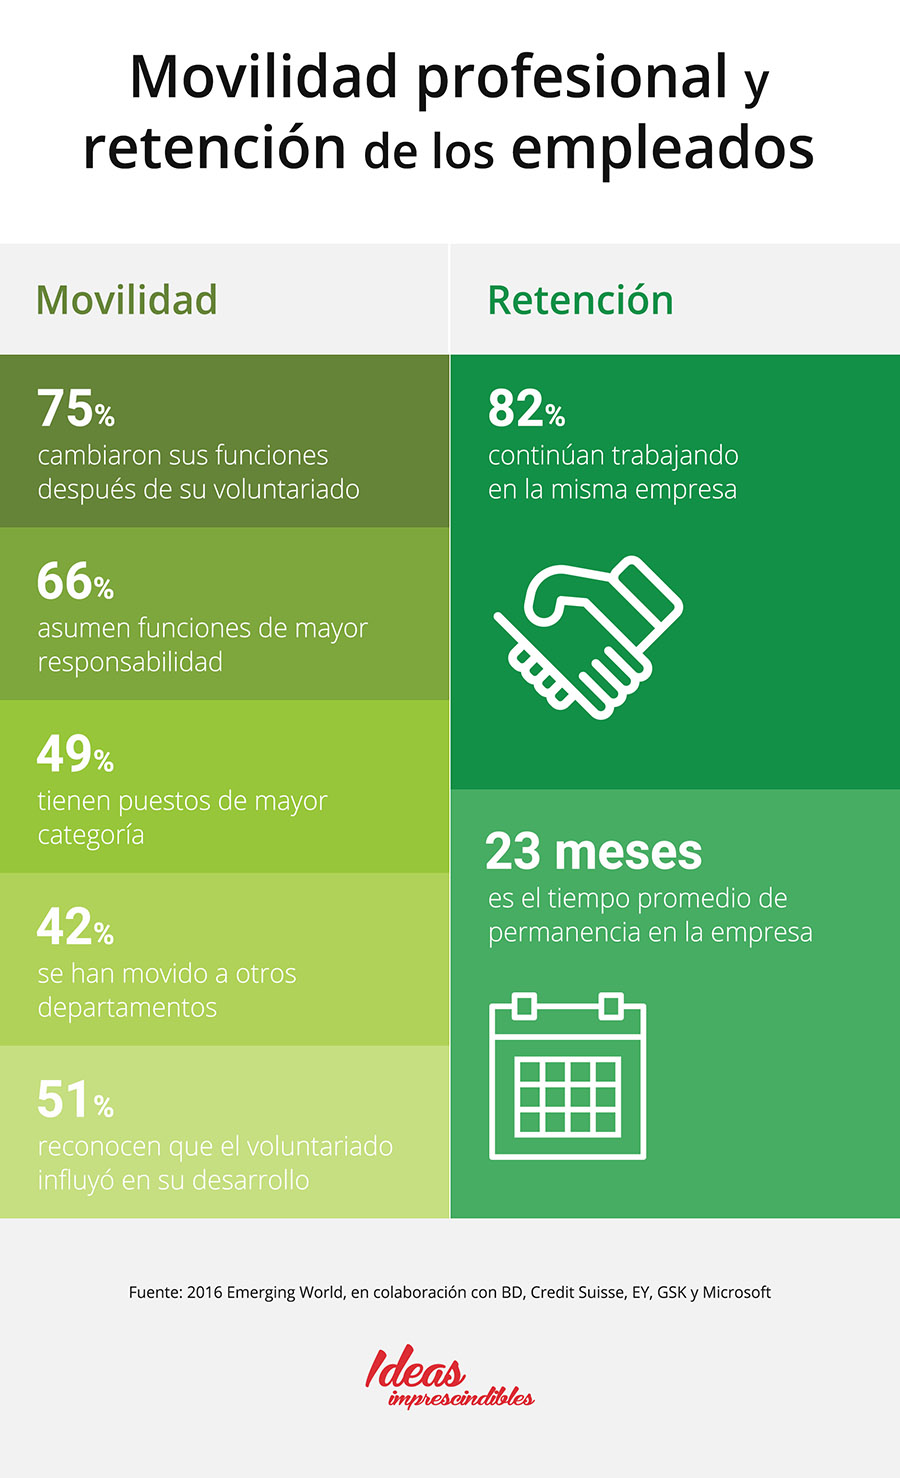 movilidad y retención profesional